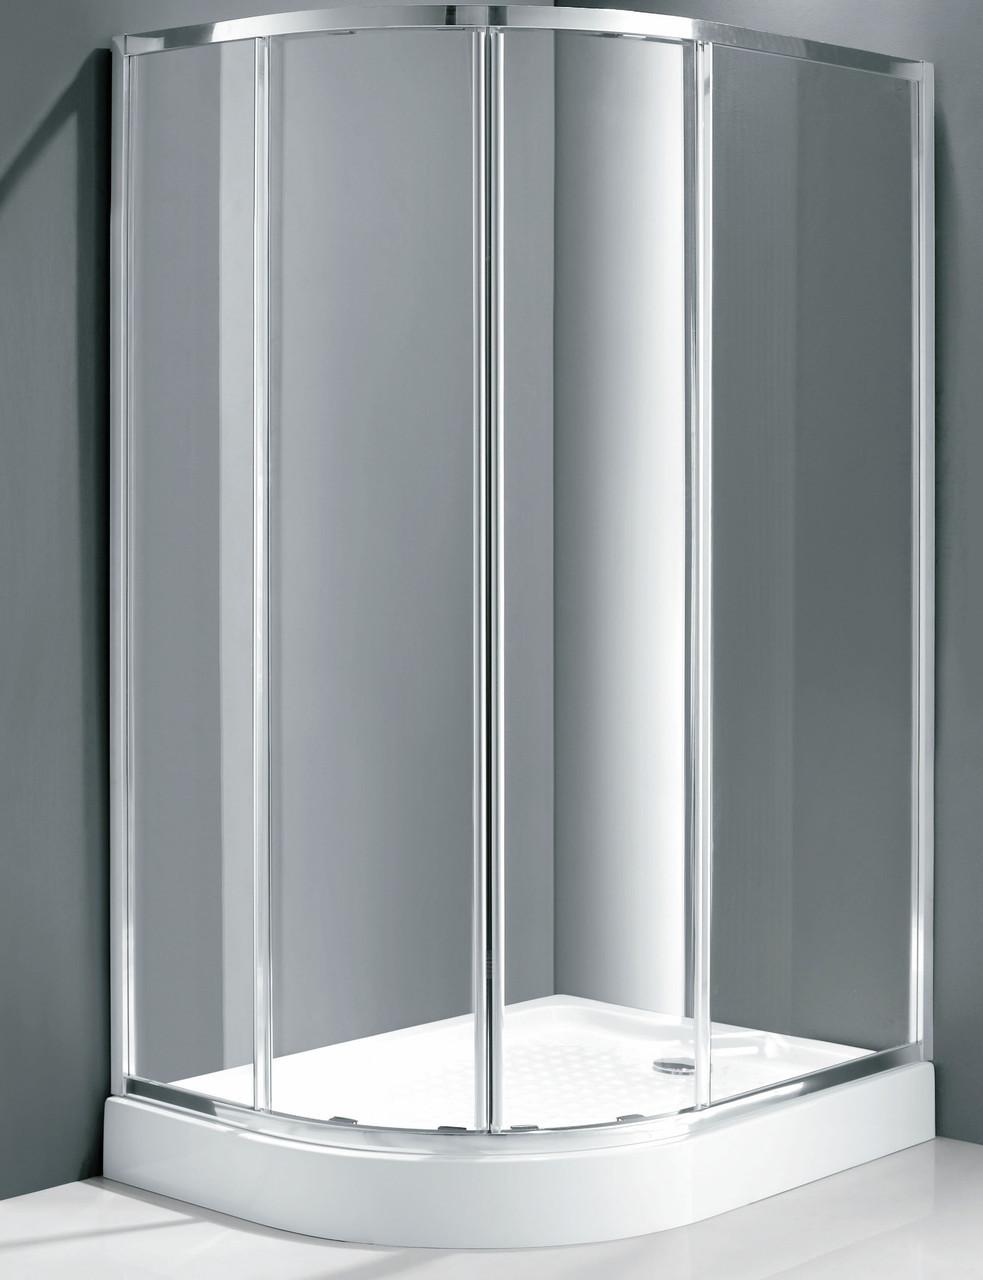 Душевая кабина асимметричная Italian Style Elegant E562 RM 120x90x185 правосторонняя